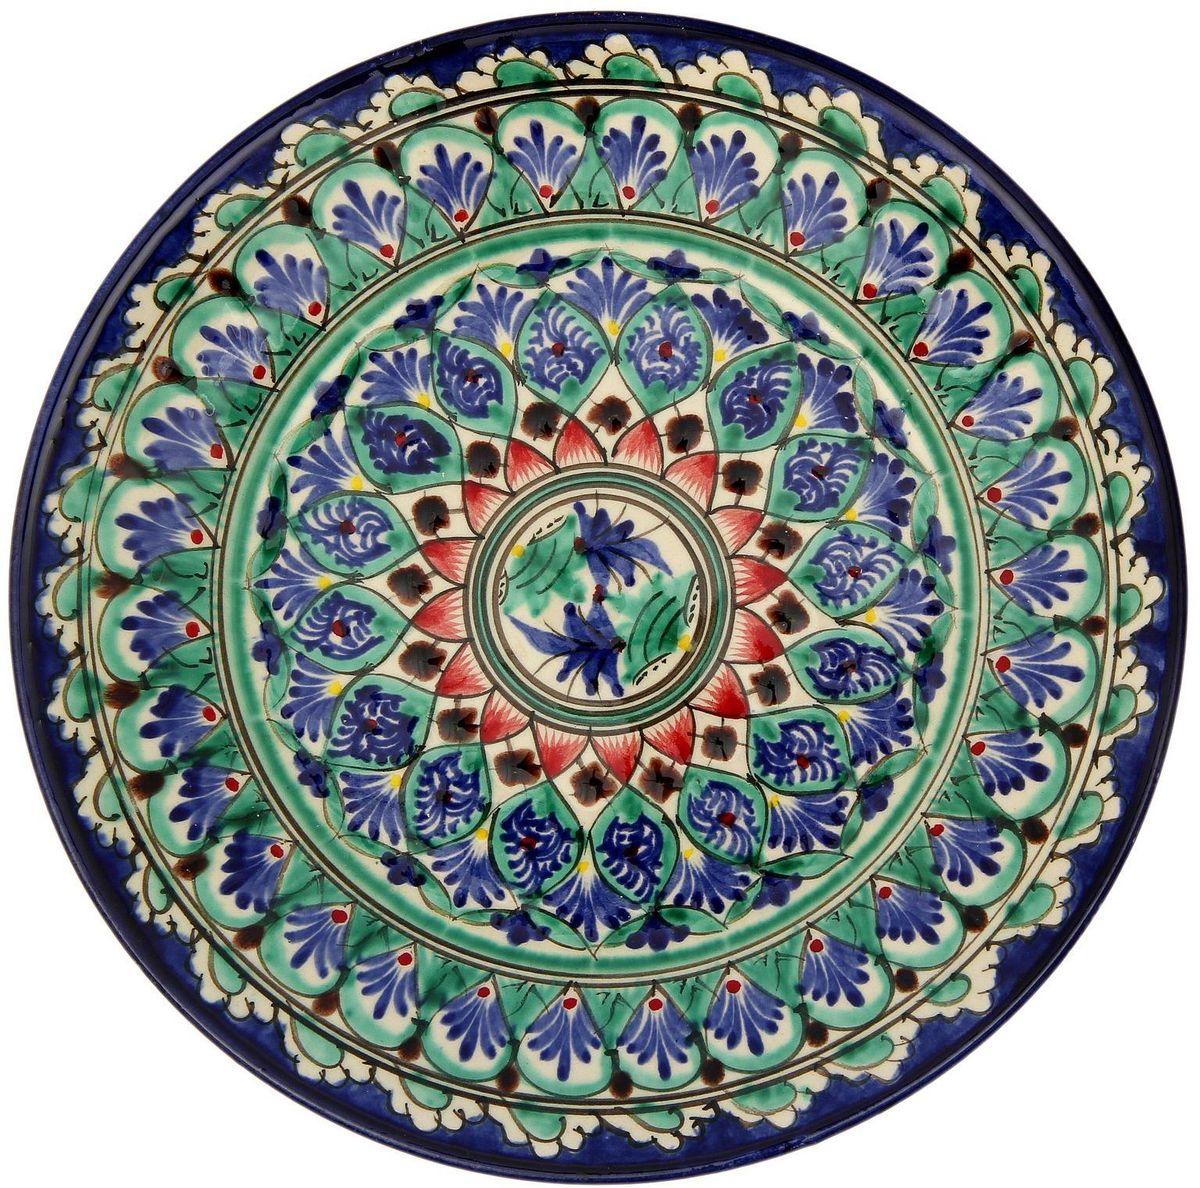 Тарелка Риштанская керамика, диаметр 23 см. 21580052158005Узбекская посуда известна всему миру уже более тысячи лет. Ей любовались царские особы, на ней подавали еду шейхам и знатным персонам. Формула глазури передаётся из поколения в поколение. По сей день качественные изделия продолжают восхищать своей идеальной формой.Данный предмет подойдёт для повседневной и праздничной сервировки. Дополните стол текстилем и салфетками в тон, чтобы получить элегантное убранство с яркими акцентами. Уважаемые клиенты!Обращаем ваше внимание на возможные отличия некоторых элементов рисунка от того, что представлено на фото. Товар расписывается вручную.